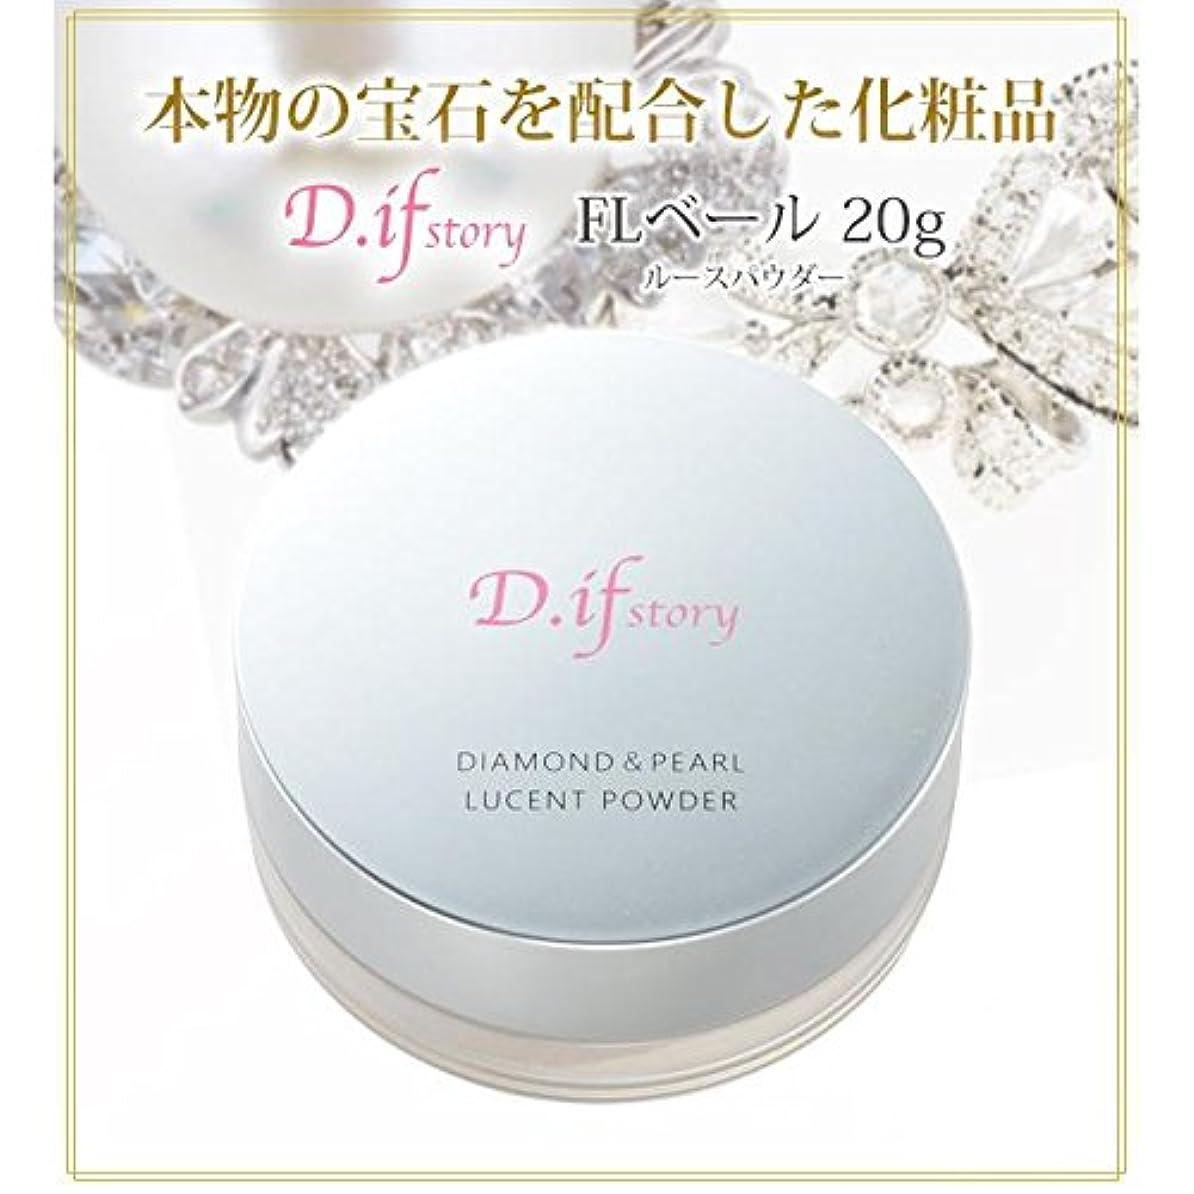 書く火山の韓国本物の宝石を配合した化粧品!D.ifstory (ディフストーリー) FLベール ルースパウダー 20g